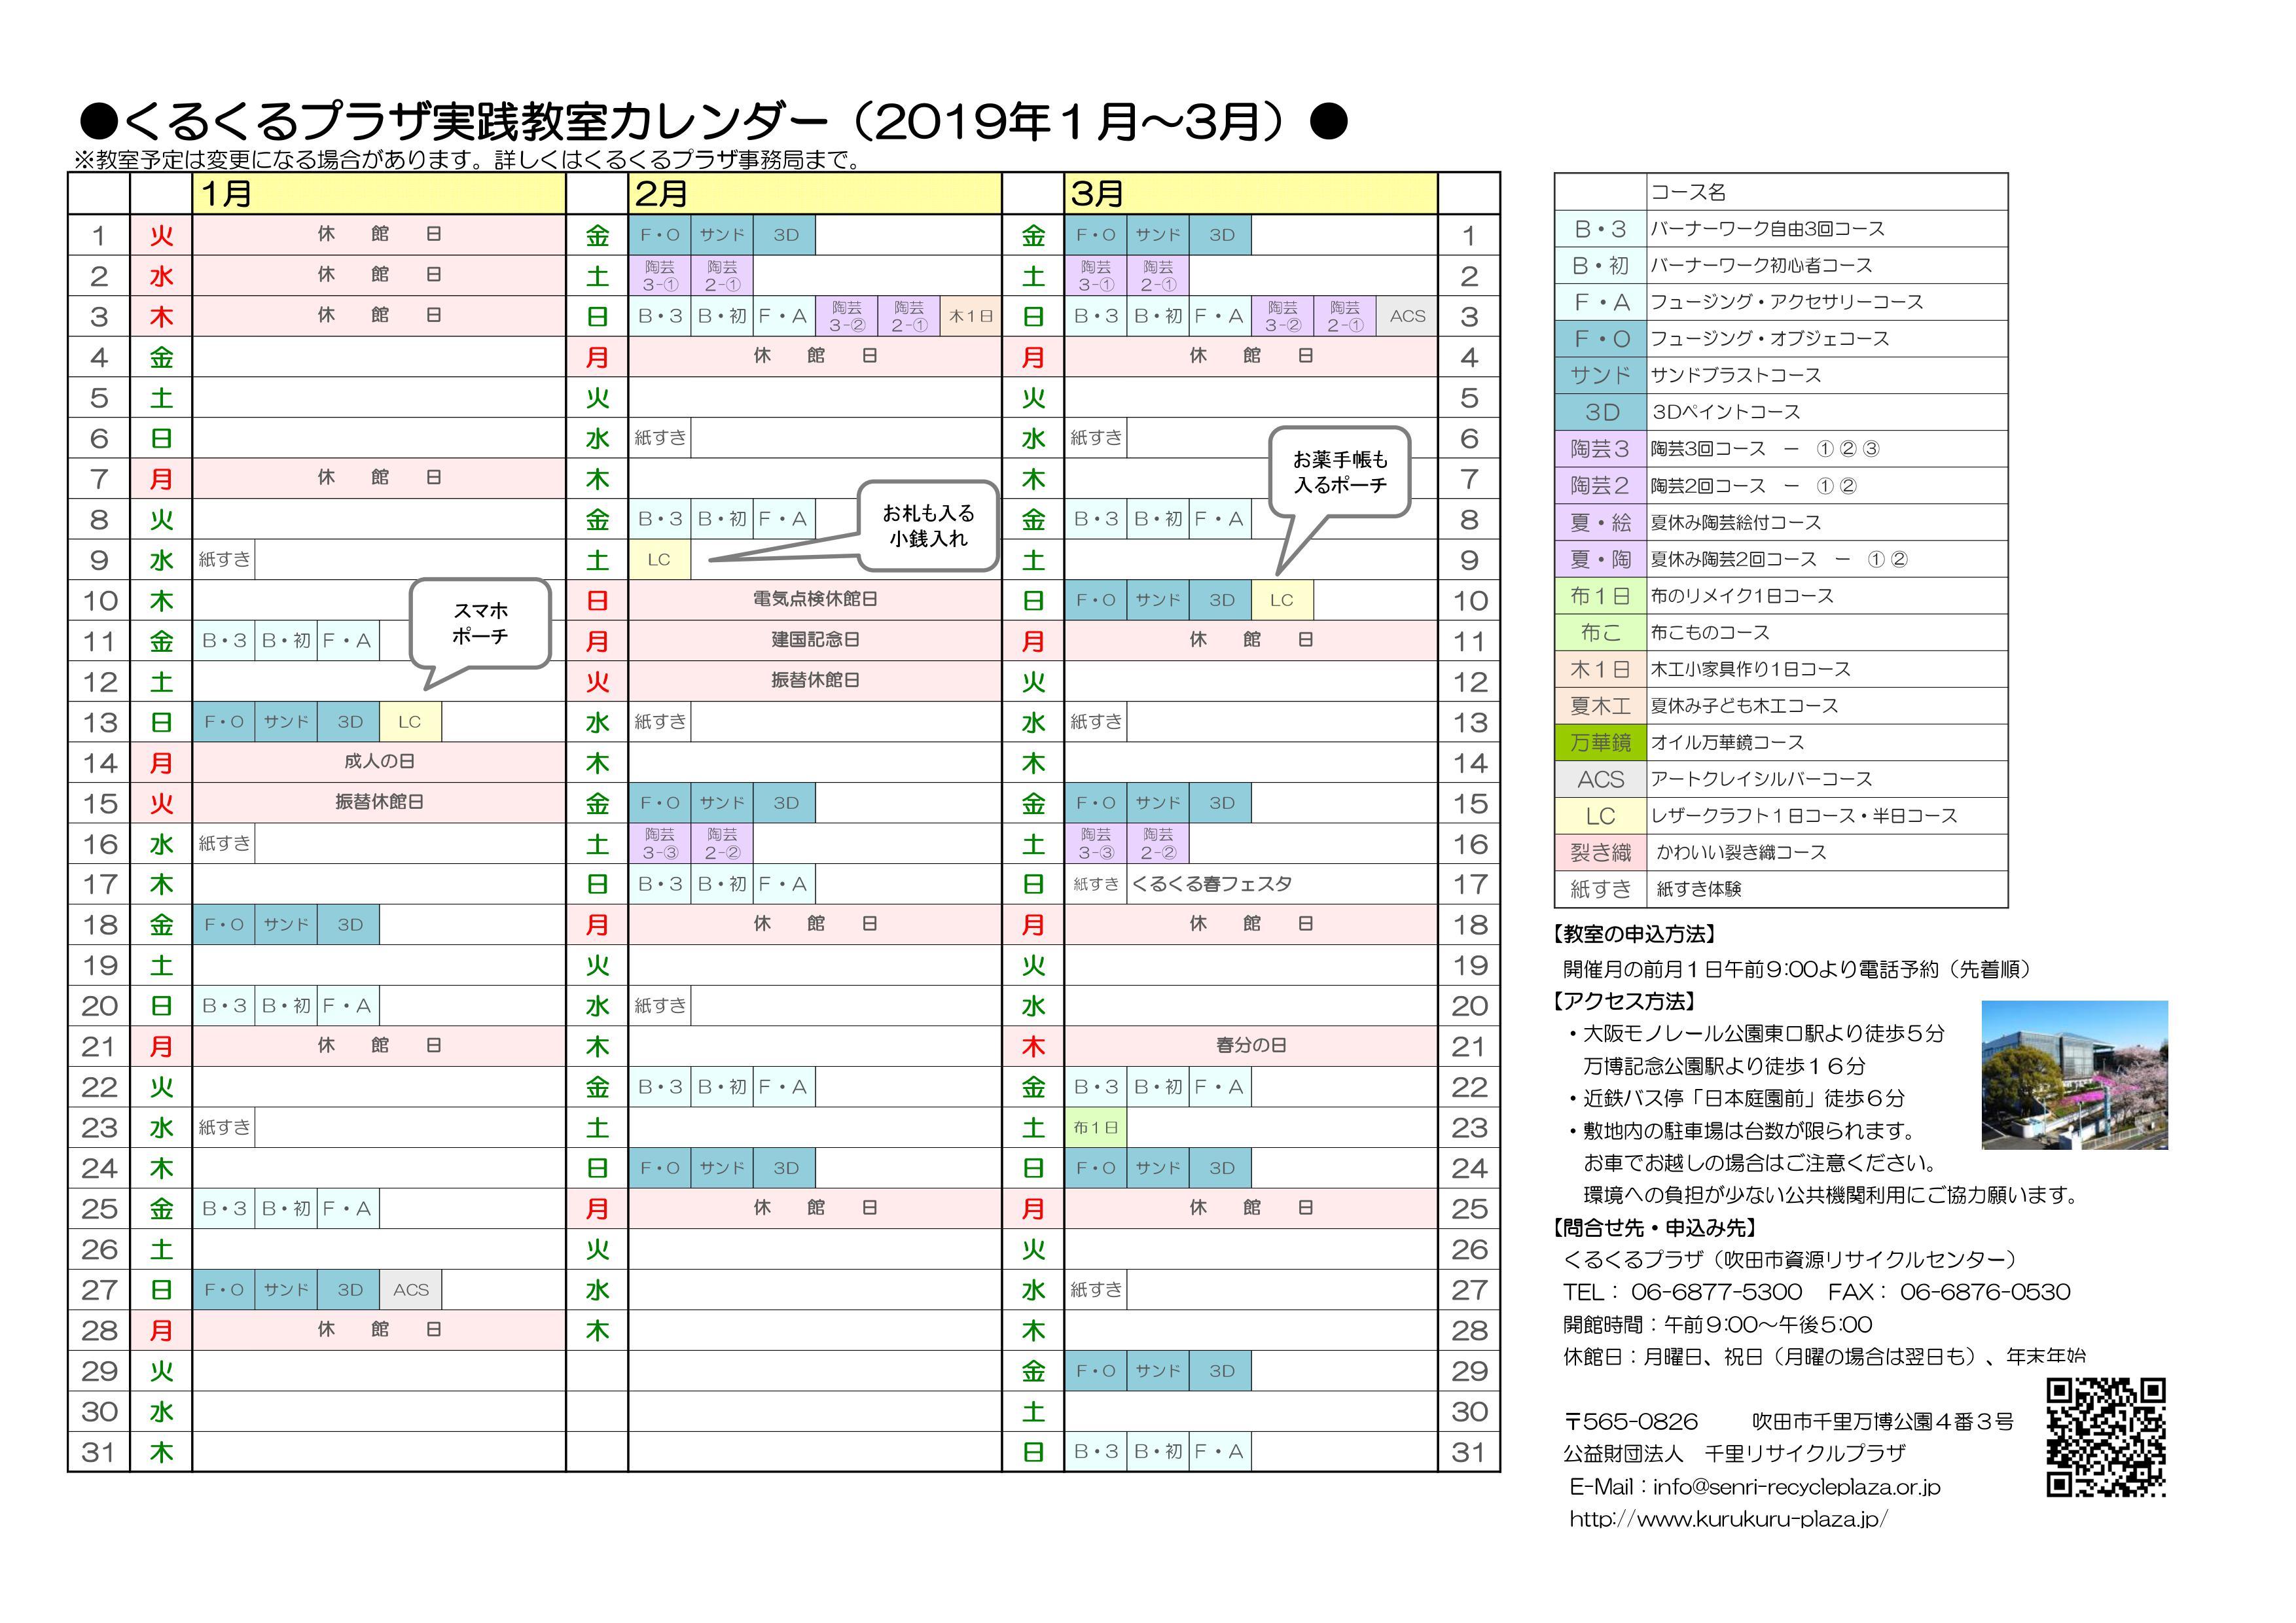 カレンダー2019.1-3